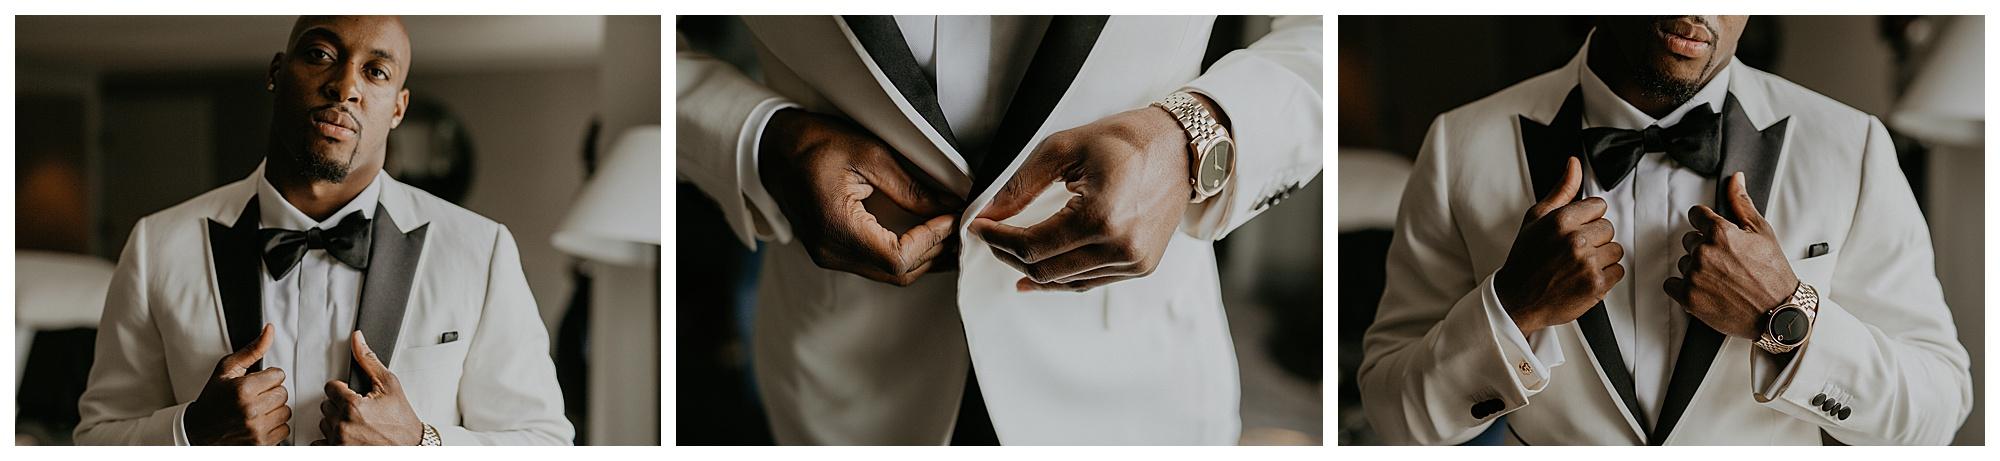 AfricanAmericanGroom.jpg